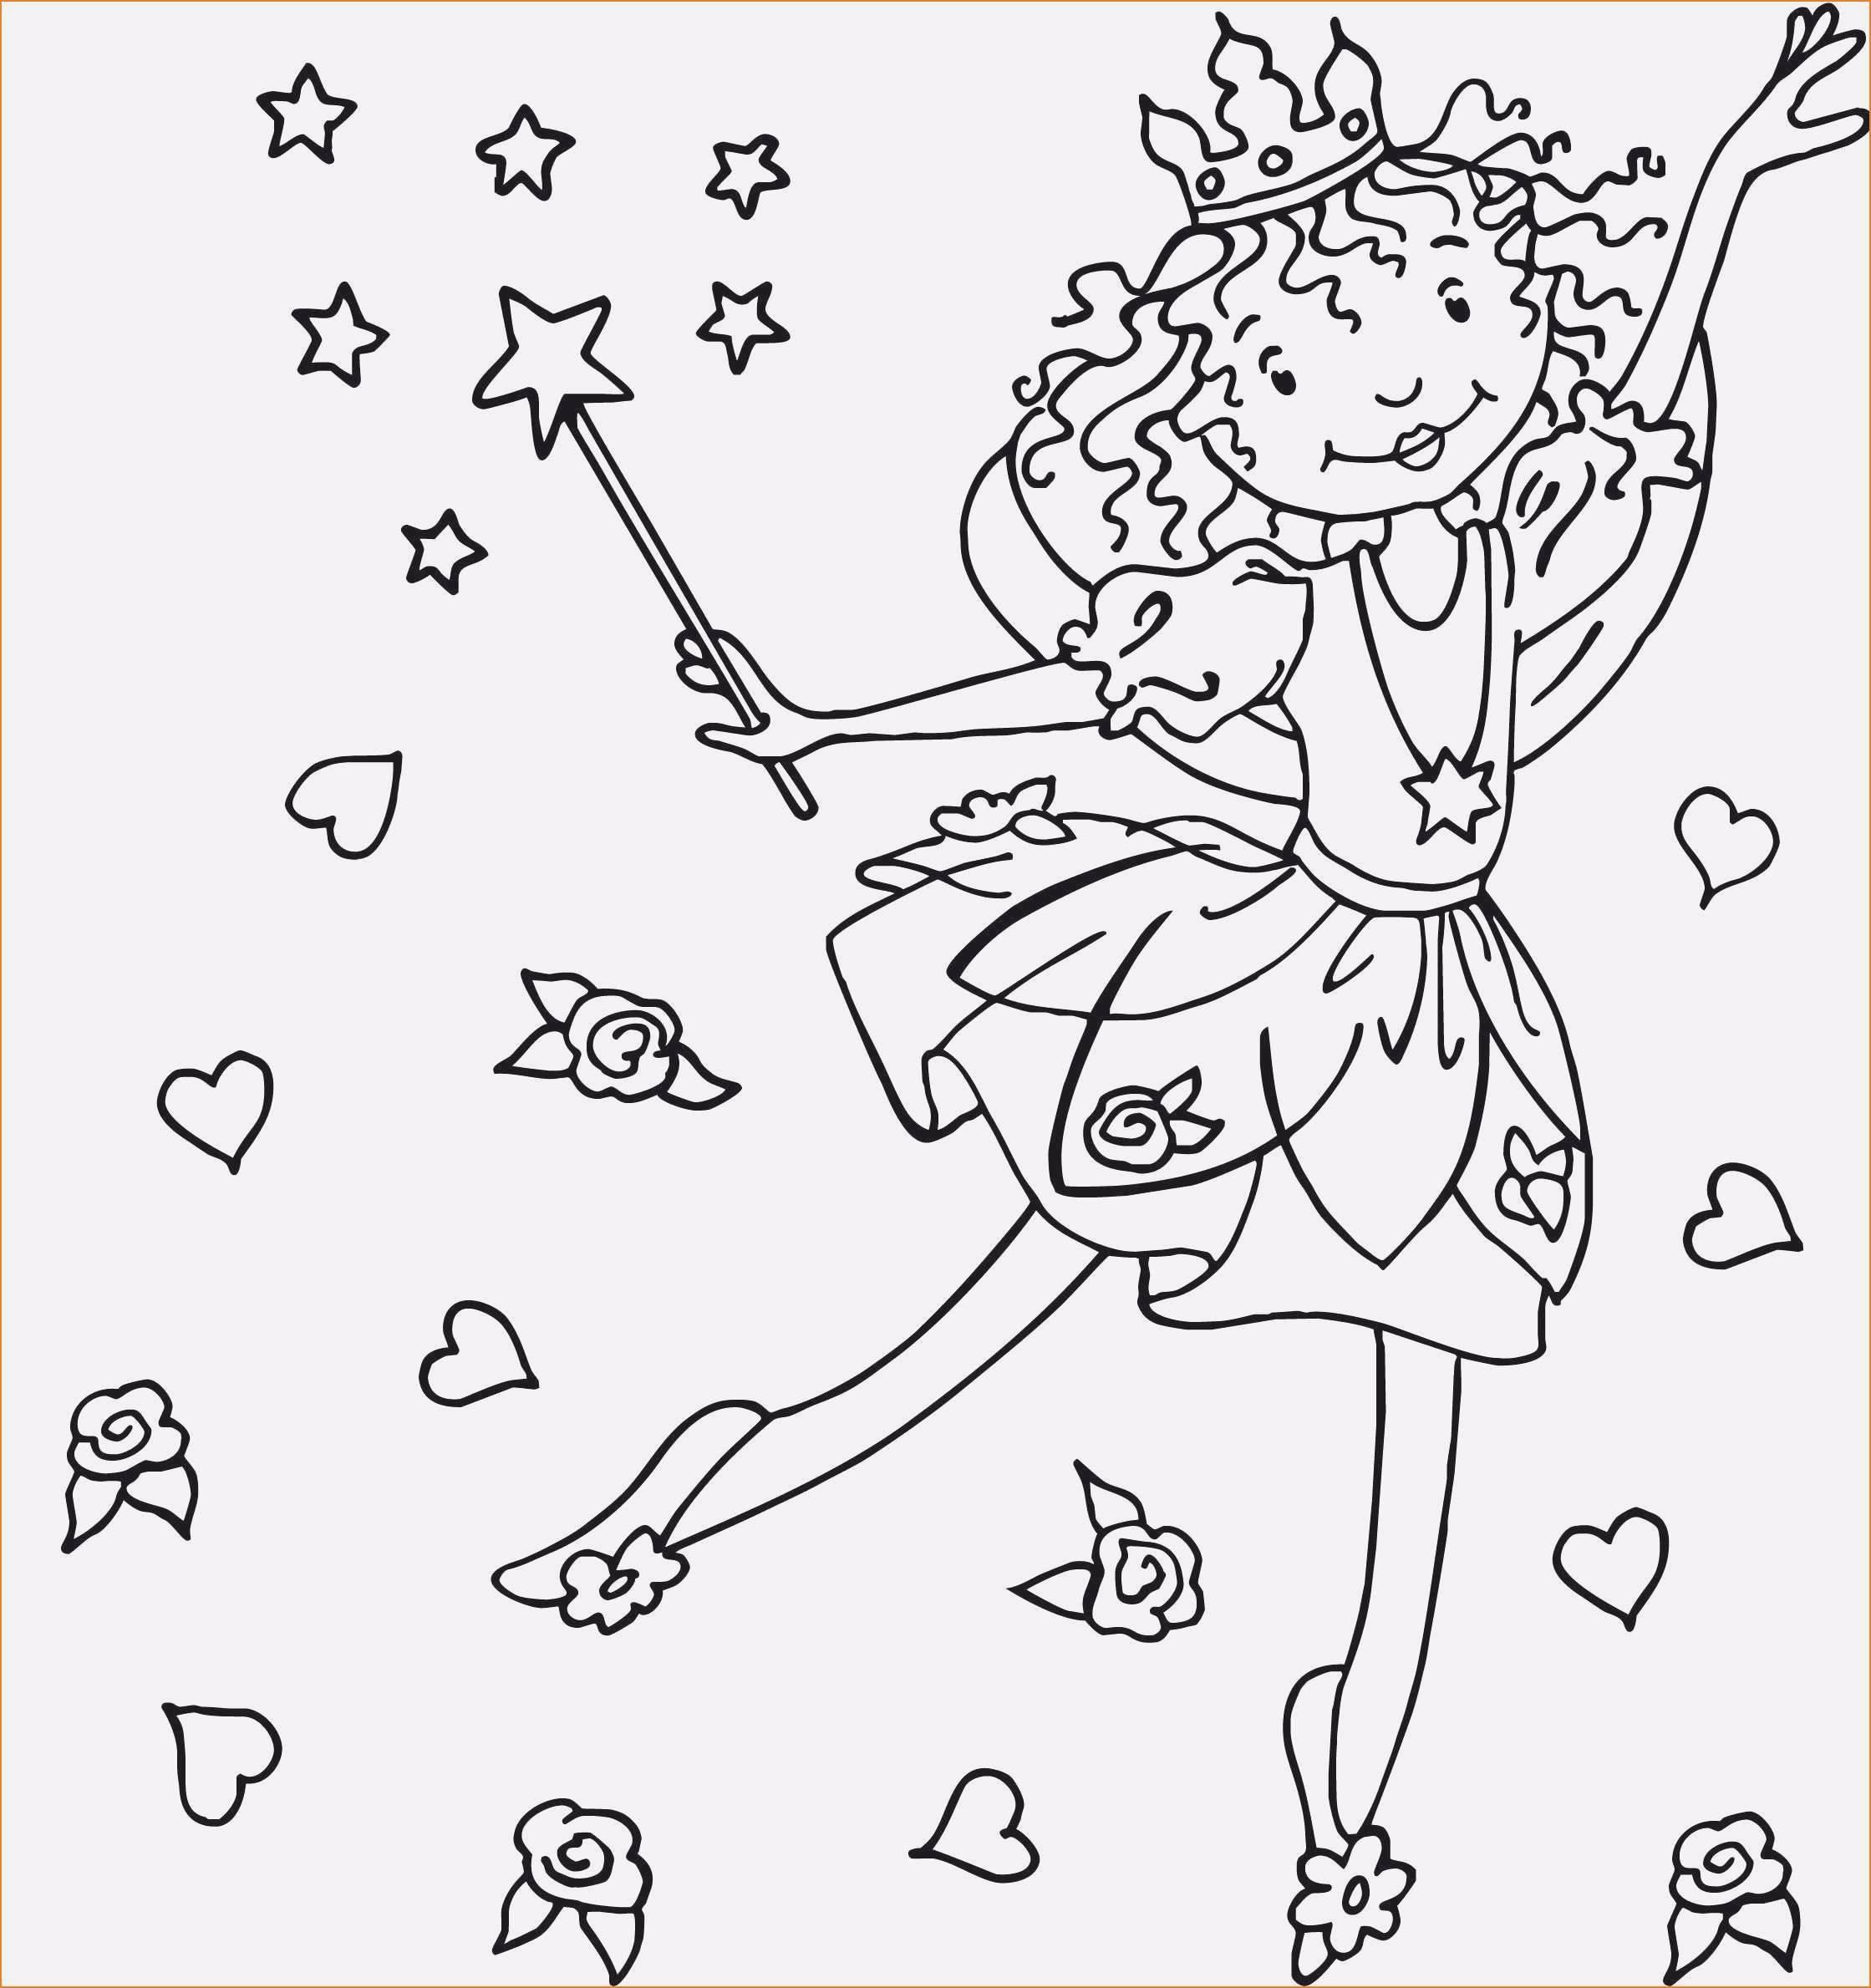 Ausmalbilder Prinzessin sofia Genial 25 Fantastisch Malvorlagen Gratis Prinzessin Lillifee Bilder